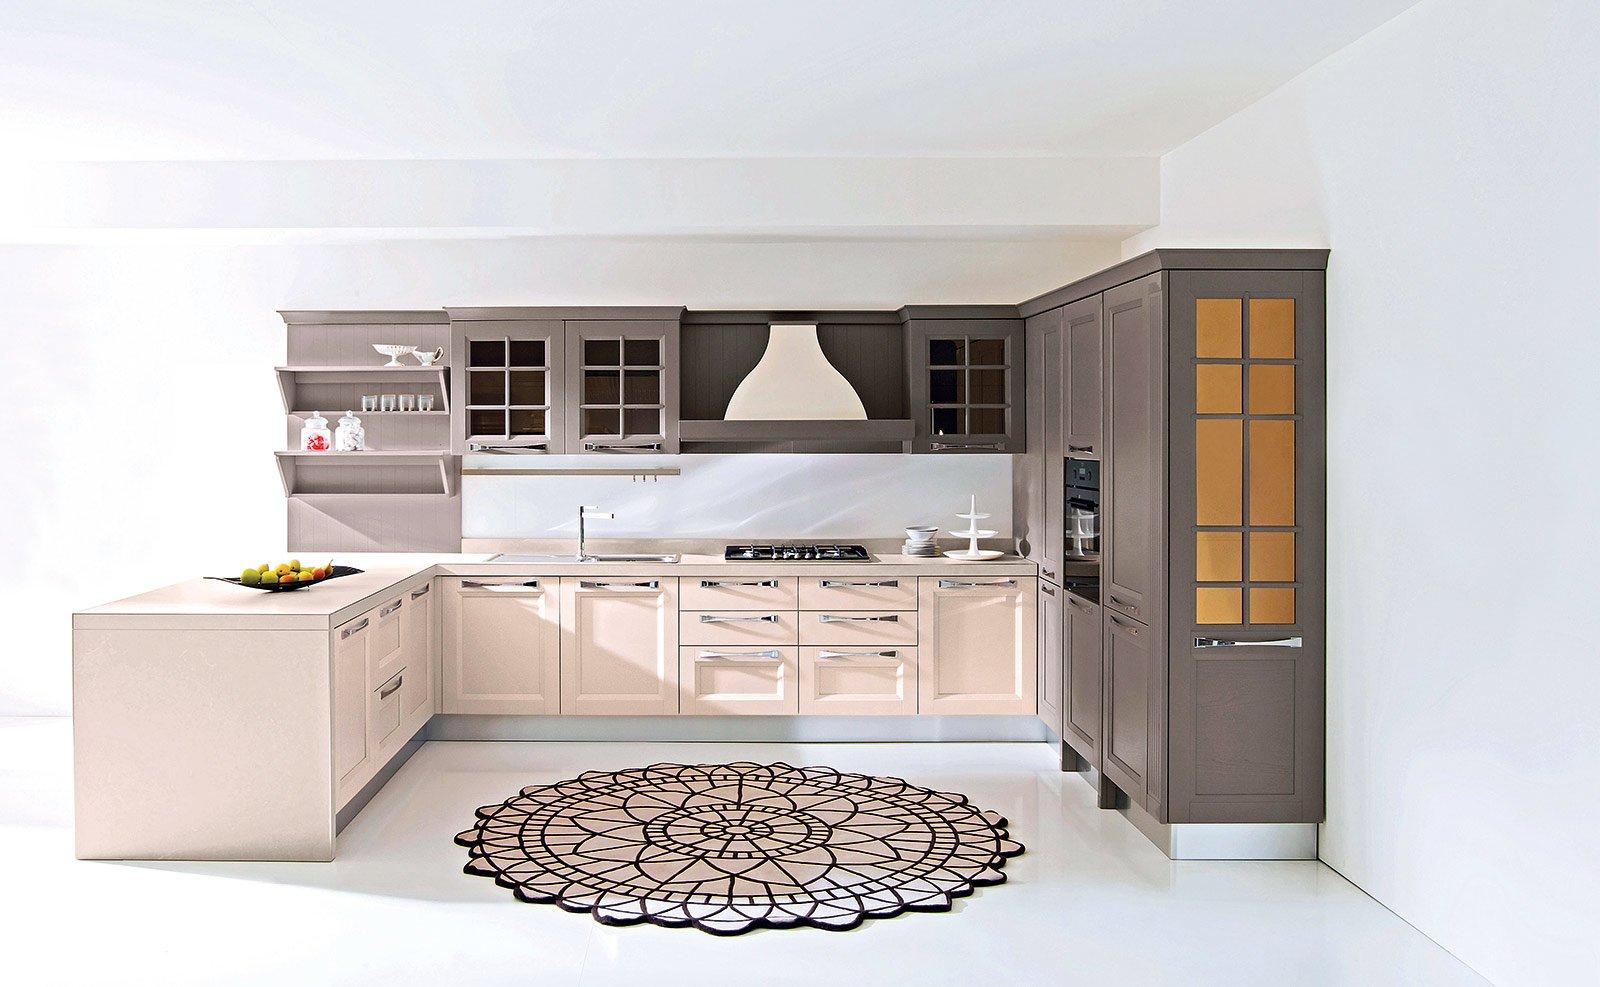 Alterna Finiture Bianche E Tortora E Ante Chiuse Ad Altre Con Vetro  #956836 1600 987 Cucine Moderne Ad Angolo Con Finestra